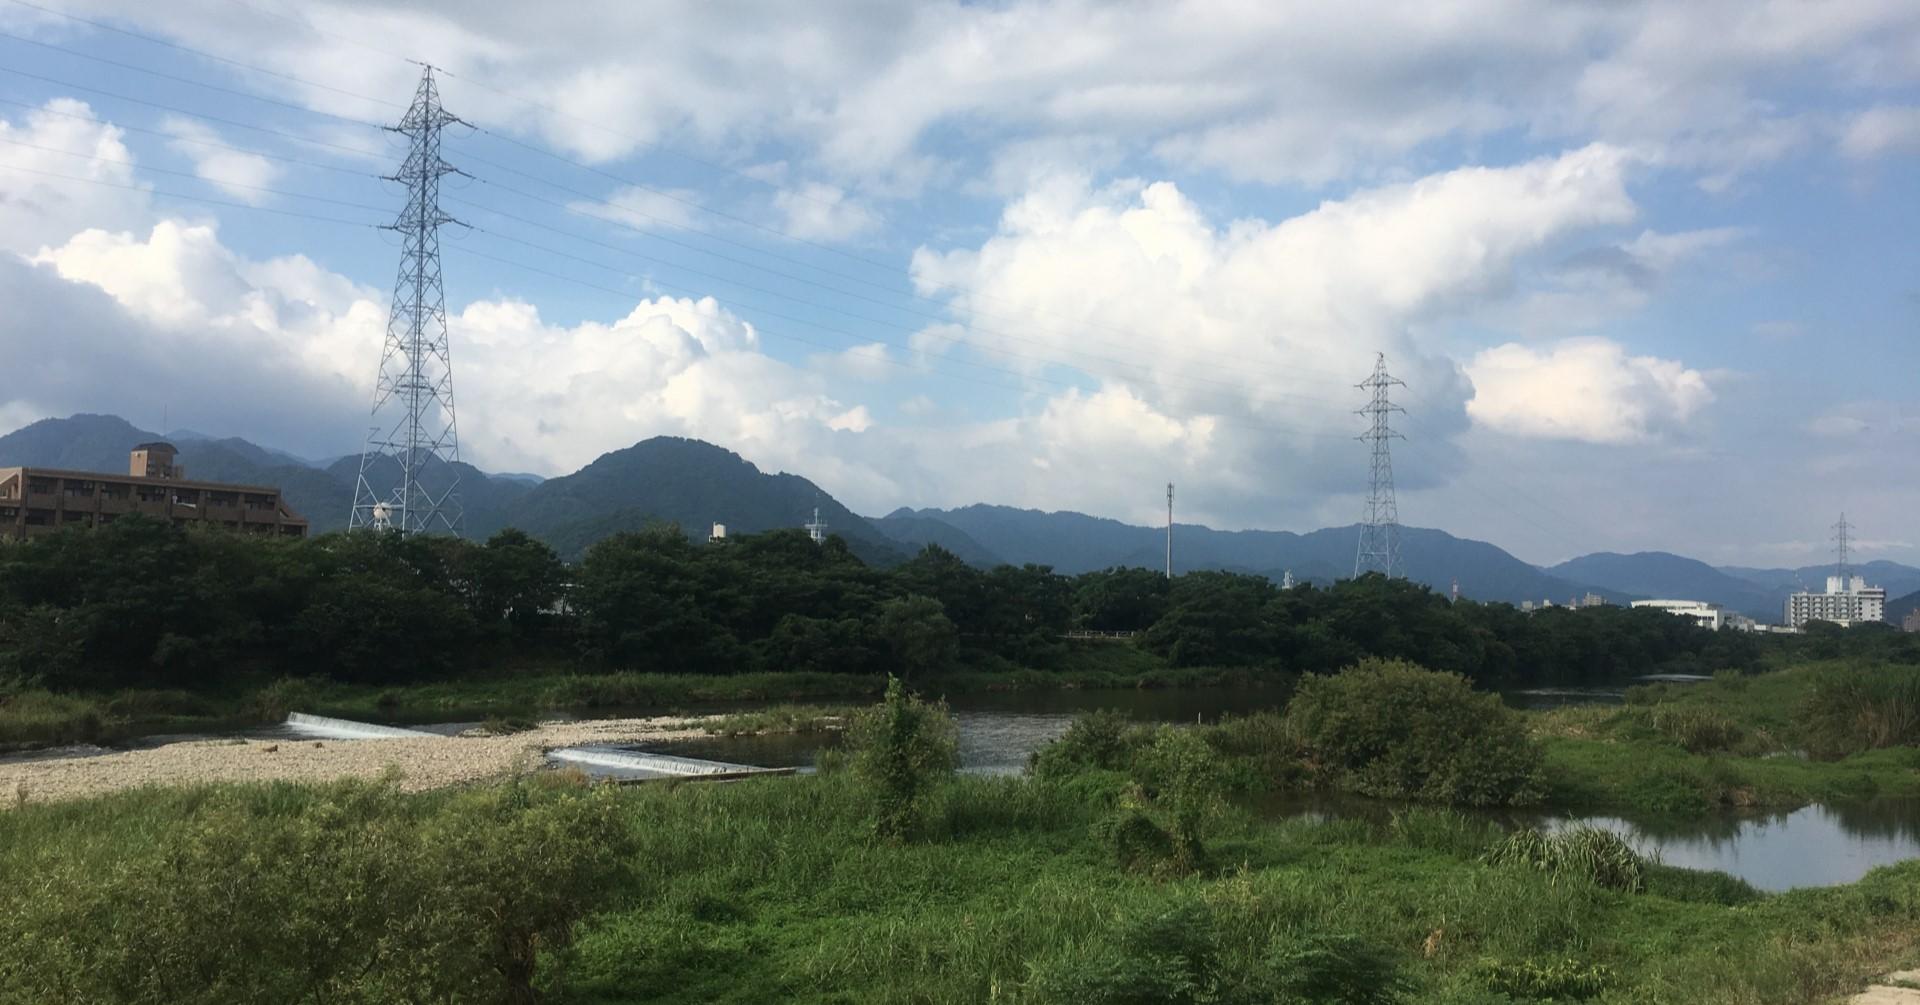 会社のそばには瀬戸内海へ続く椹野川があります。(photoAC出典:misakingotoさん)